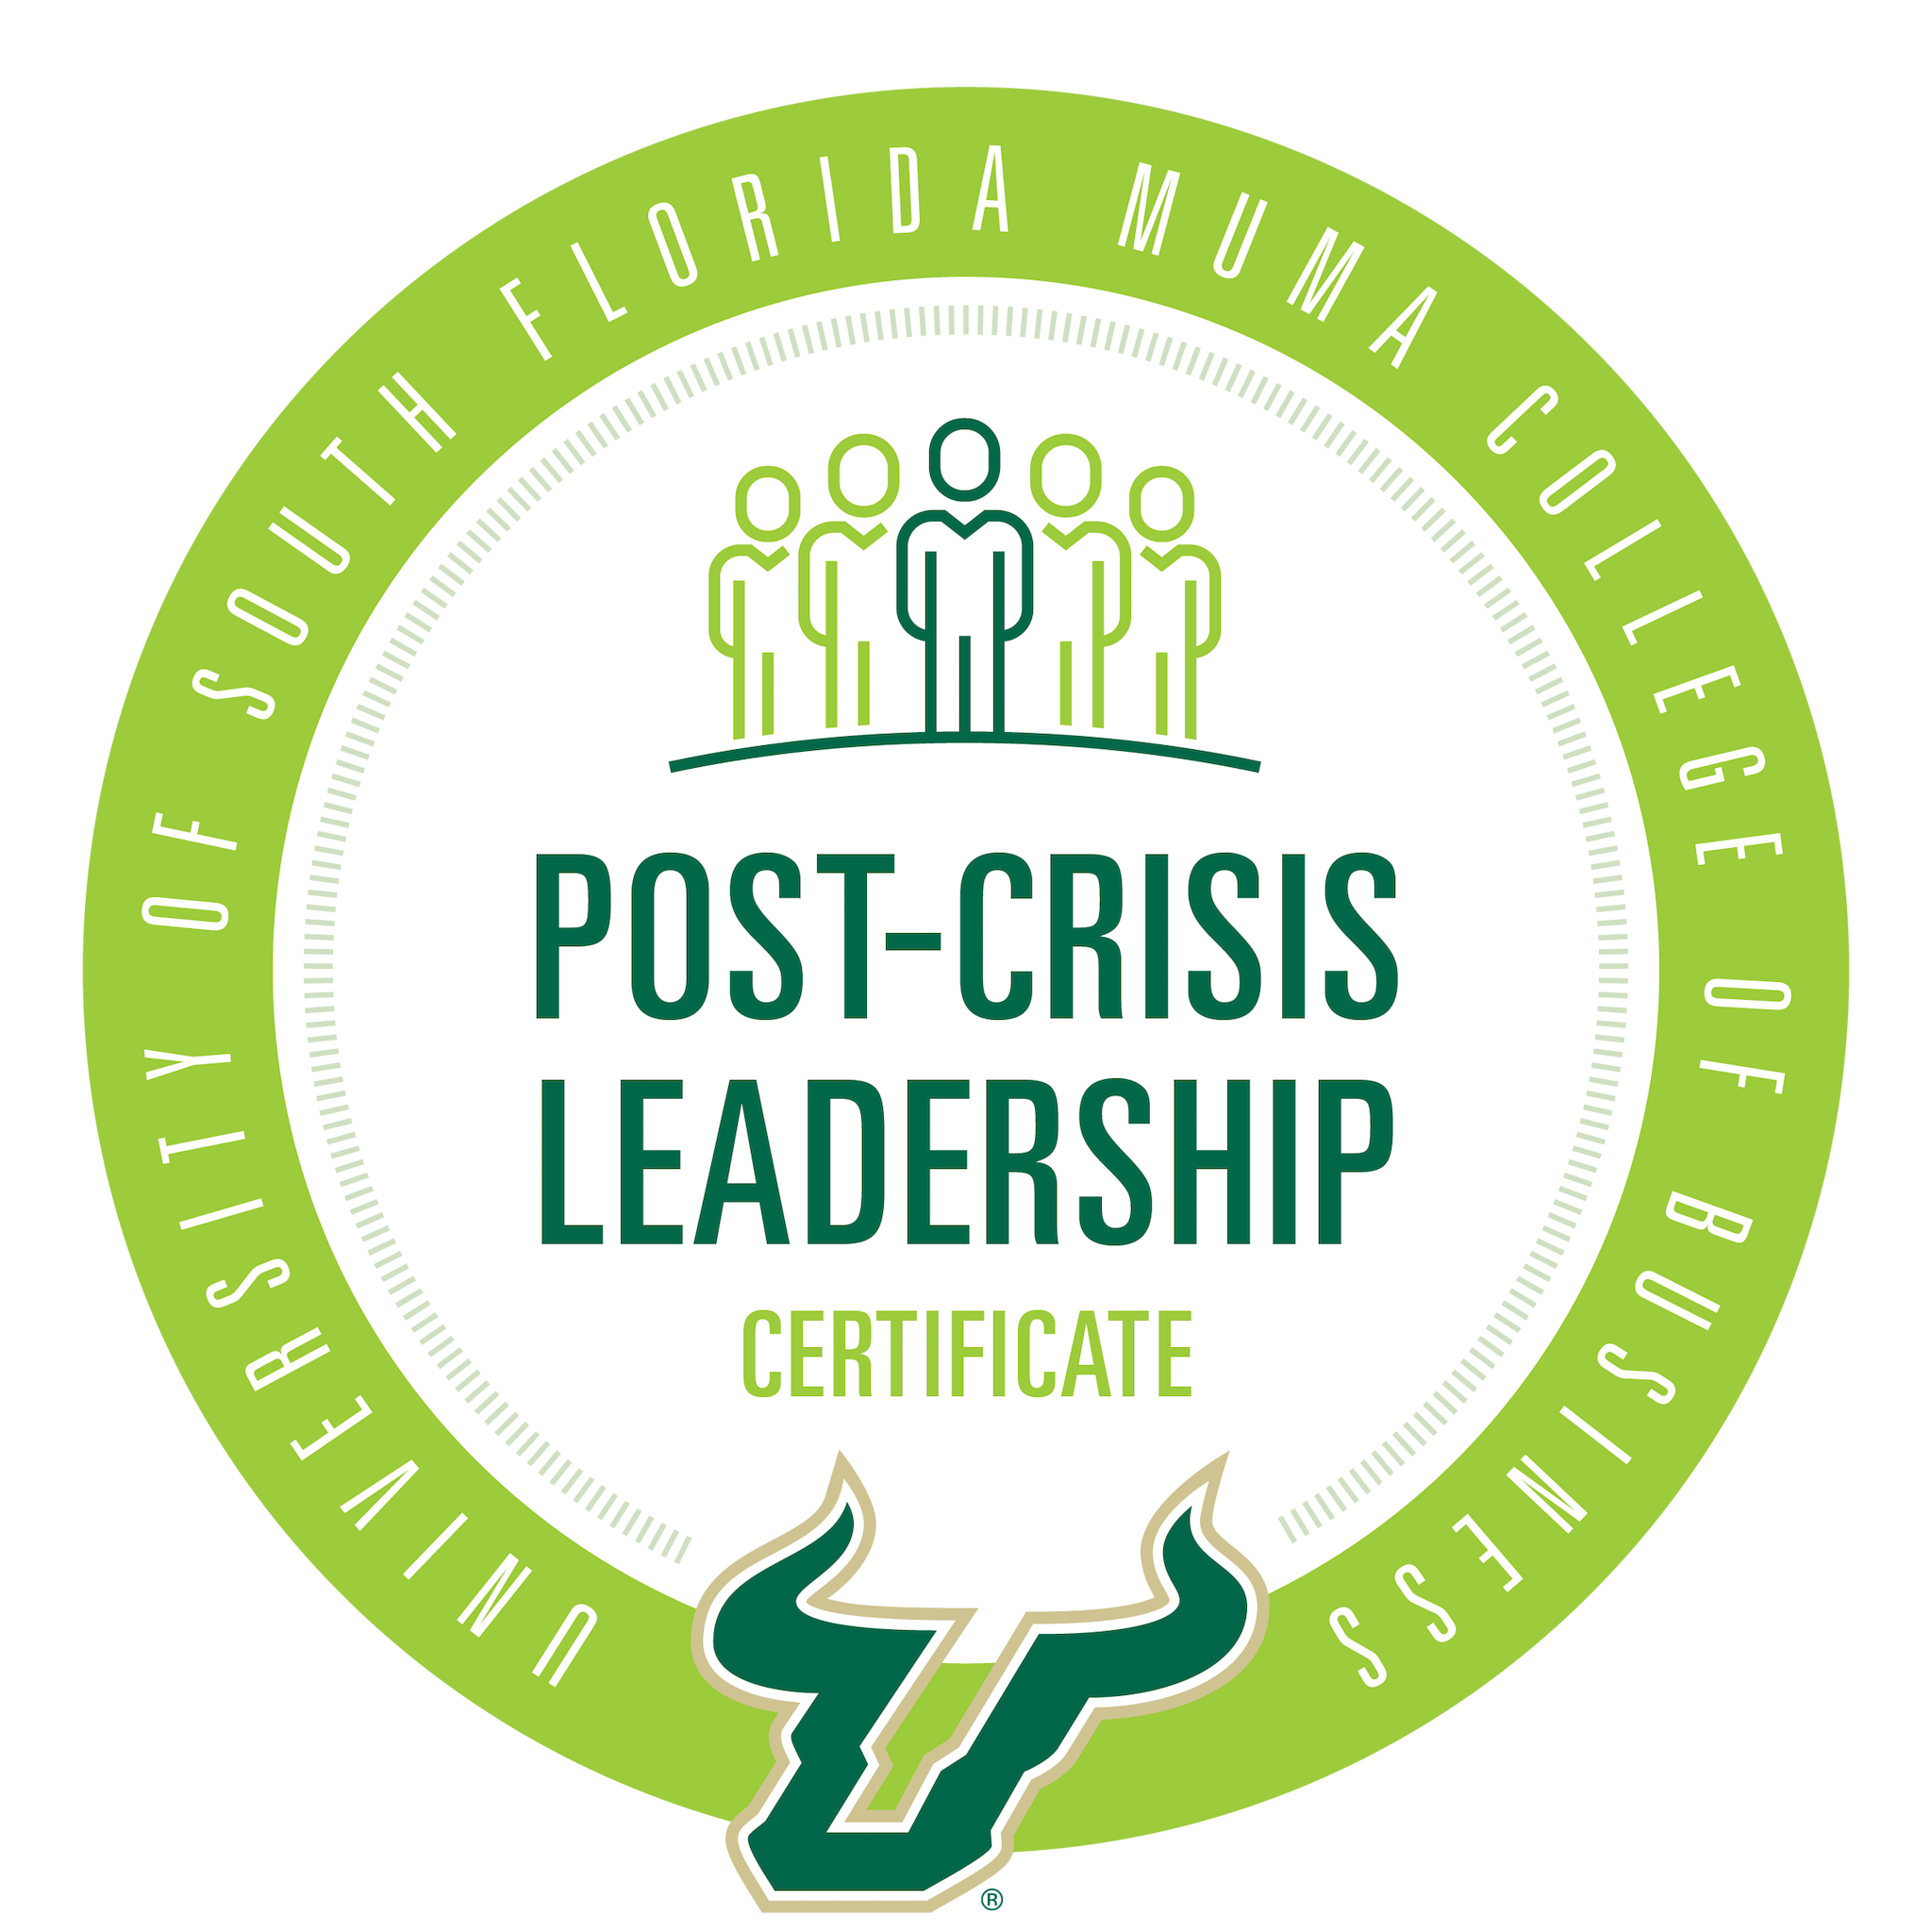 Post-Crisis Leadership Certificate